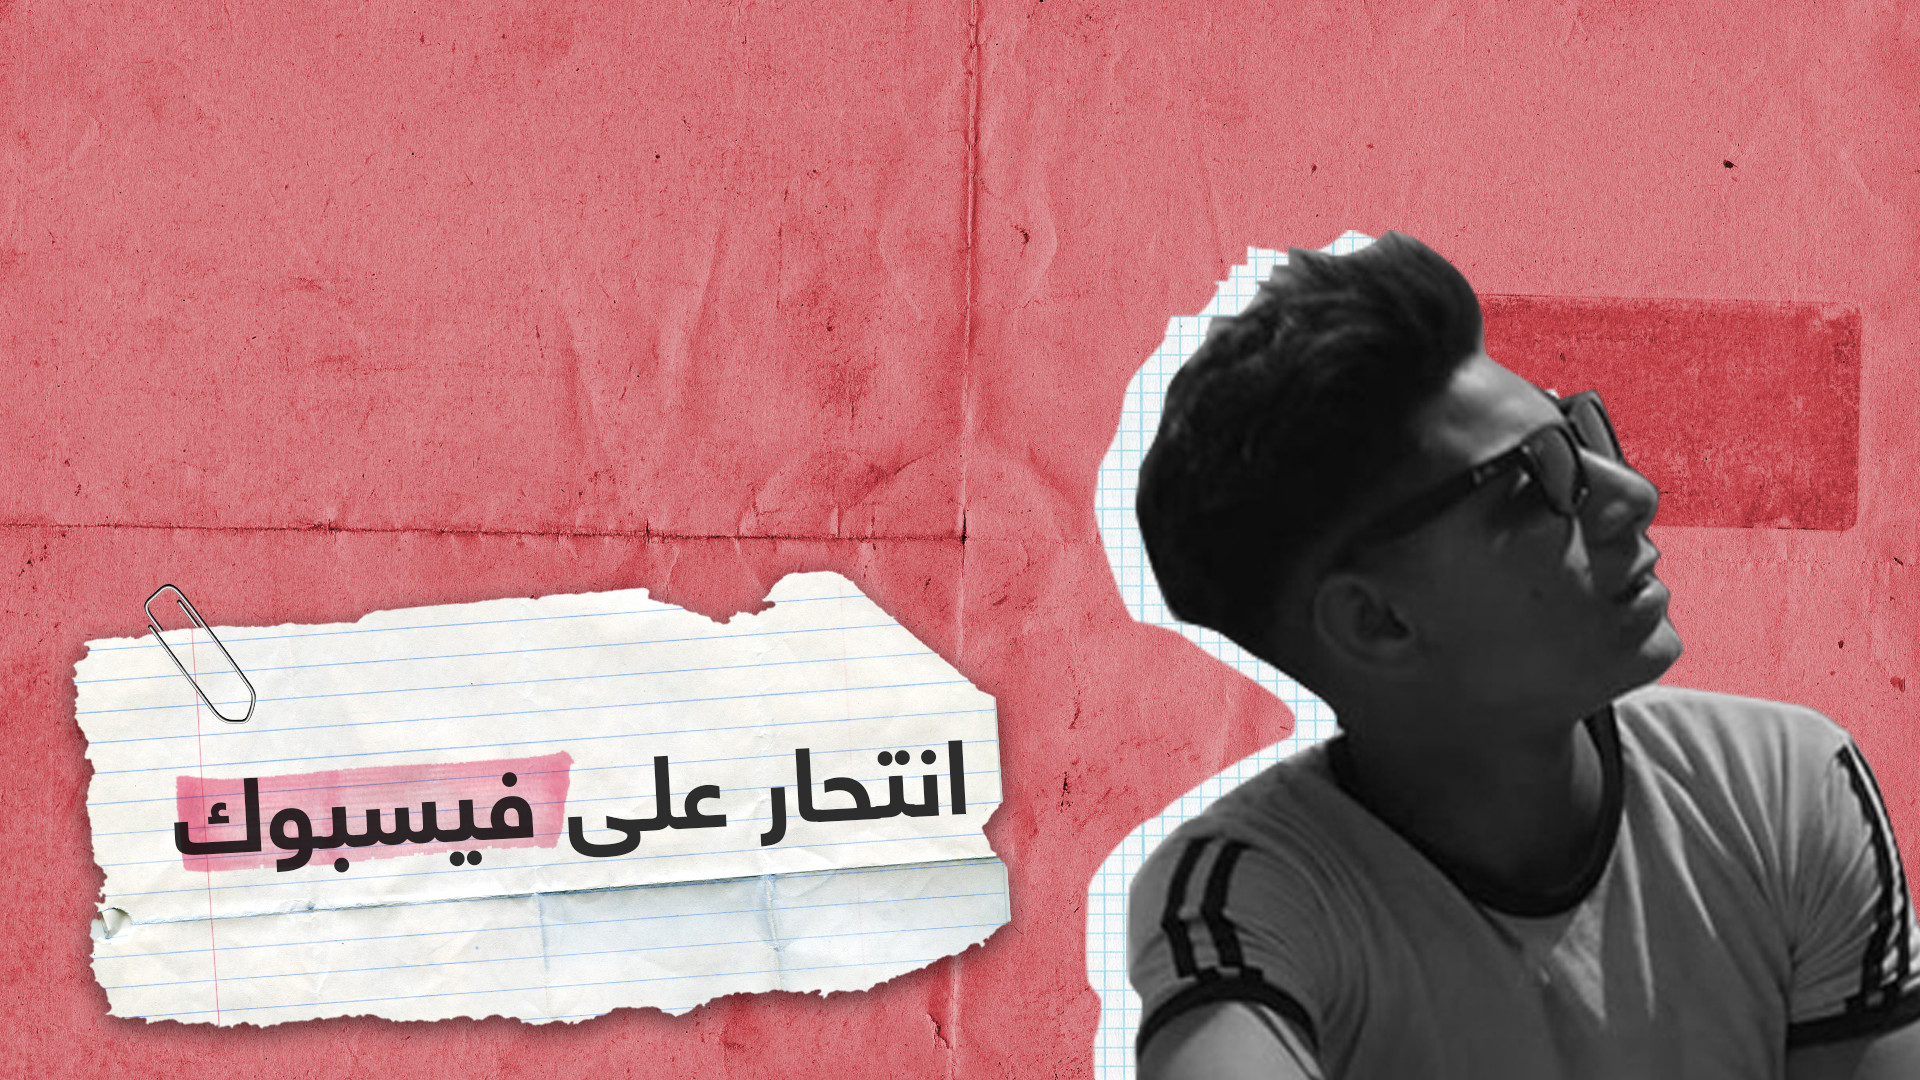 انتحار شاب مصري في بث مباشر على فيسبوك يثير الجدل